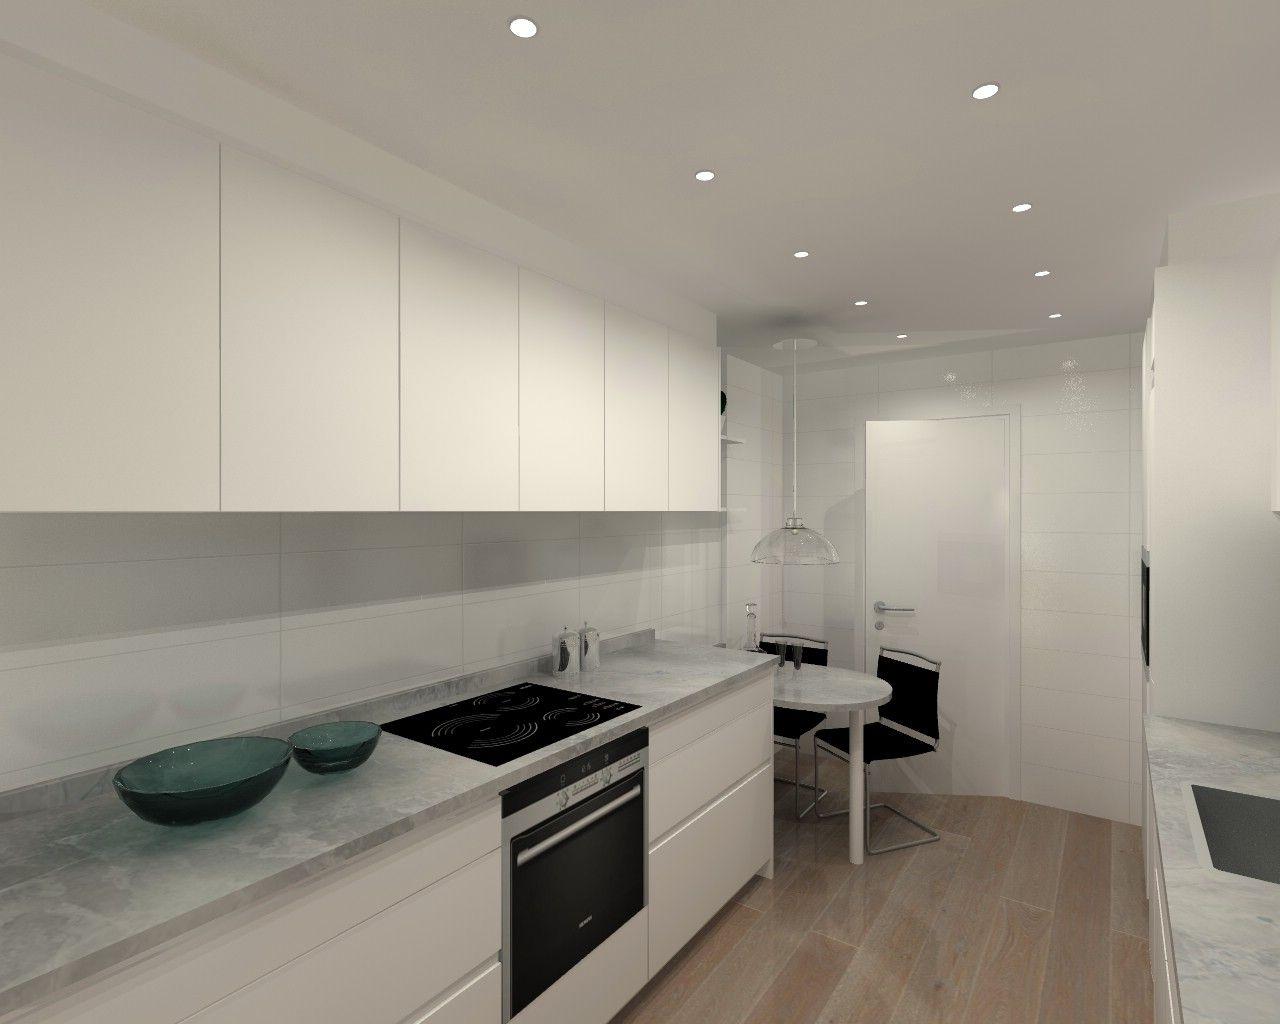 Cocina en Madrid Modelo Intra Minos con Encimera Naturamia de Santos ...